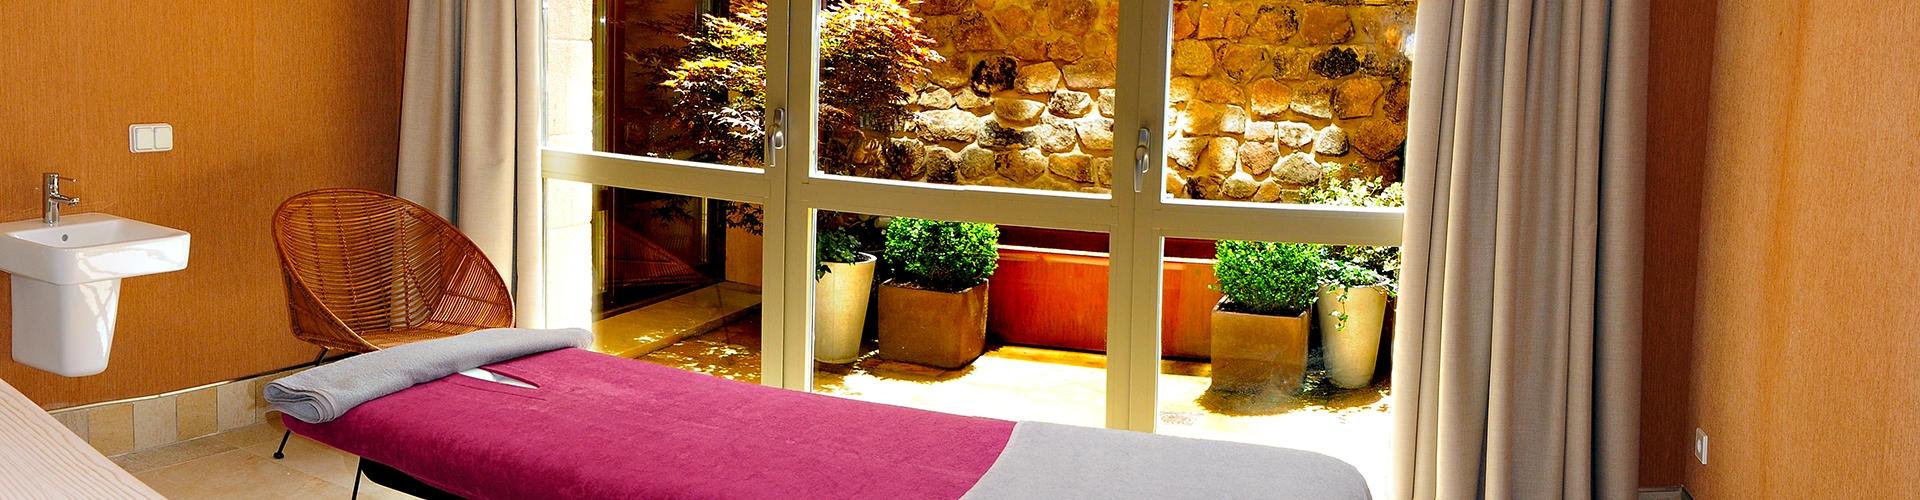 apartamentos-artesa-sala-de-masajes-1-copia-recorte-1920x500_c